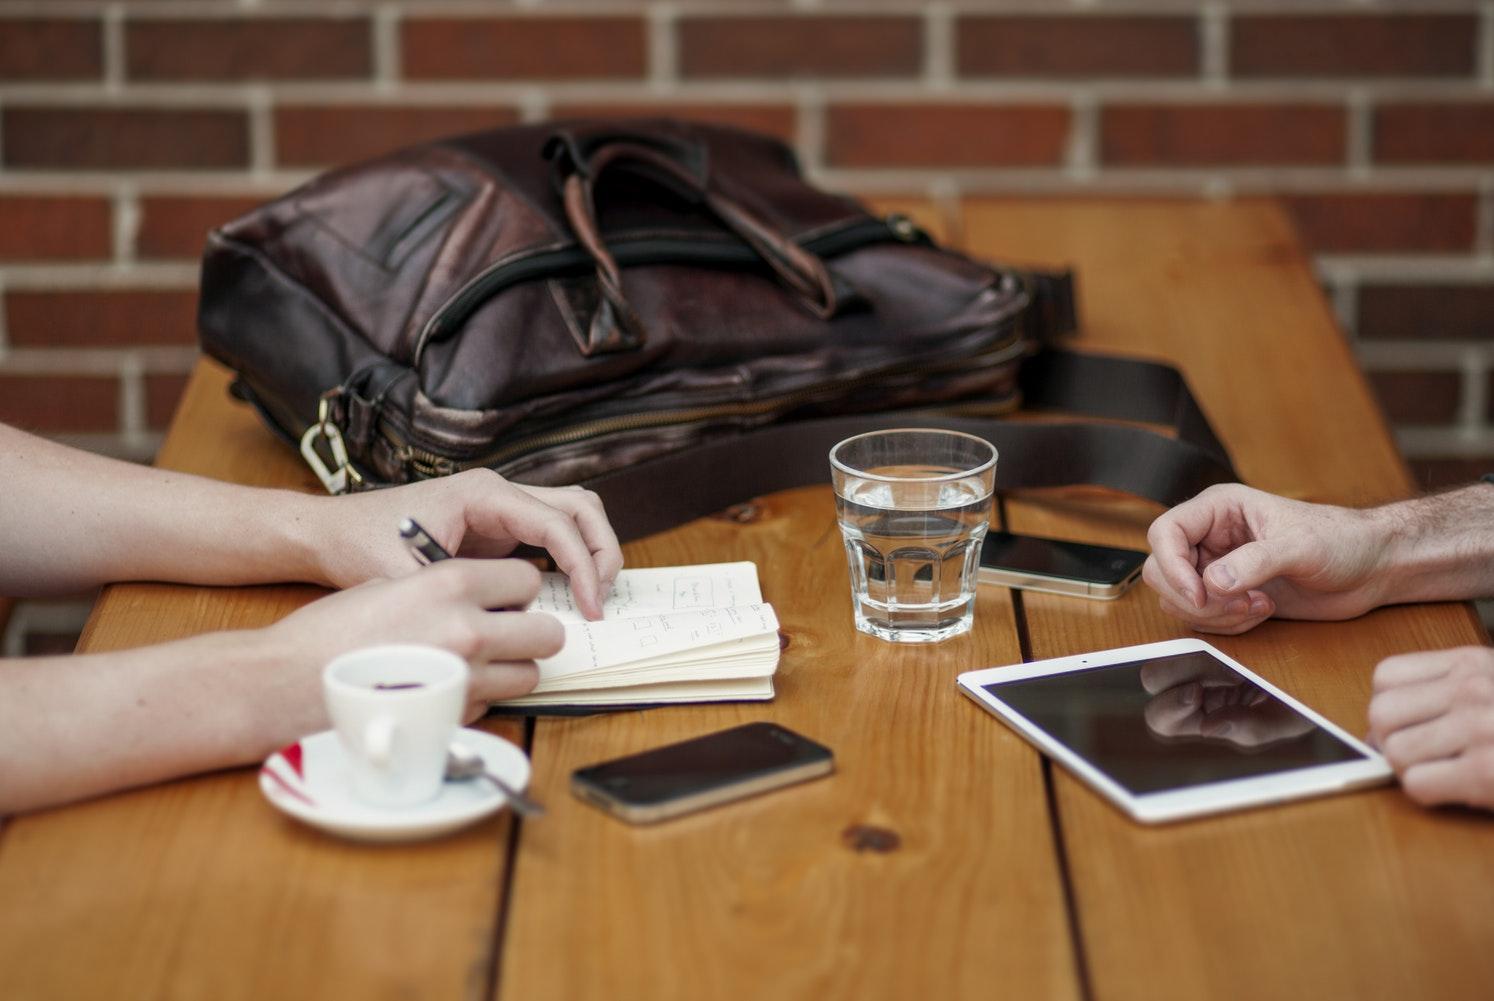 مصاحبه فنی موفق و پرسش و پاسخهای رایج